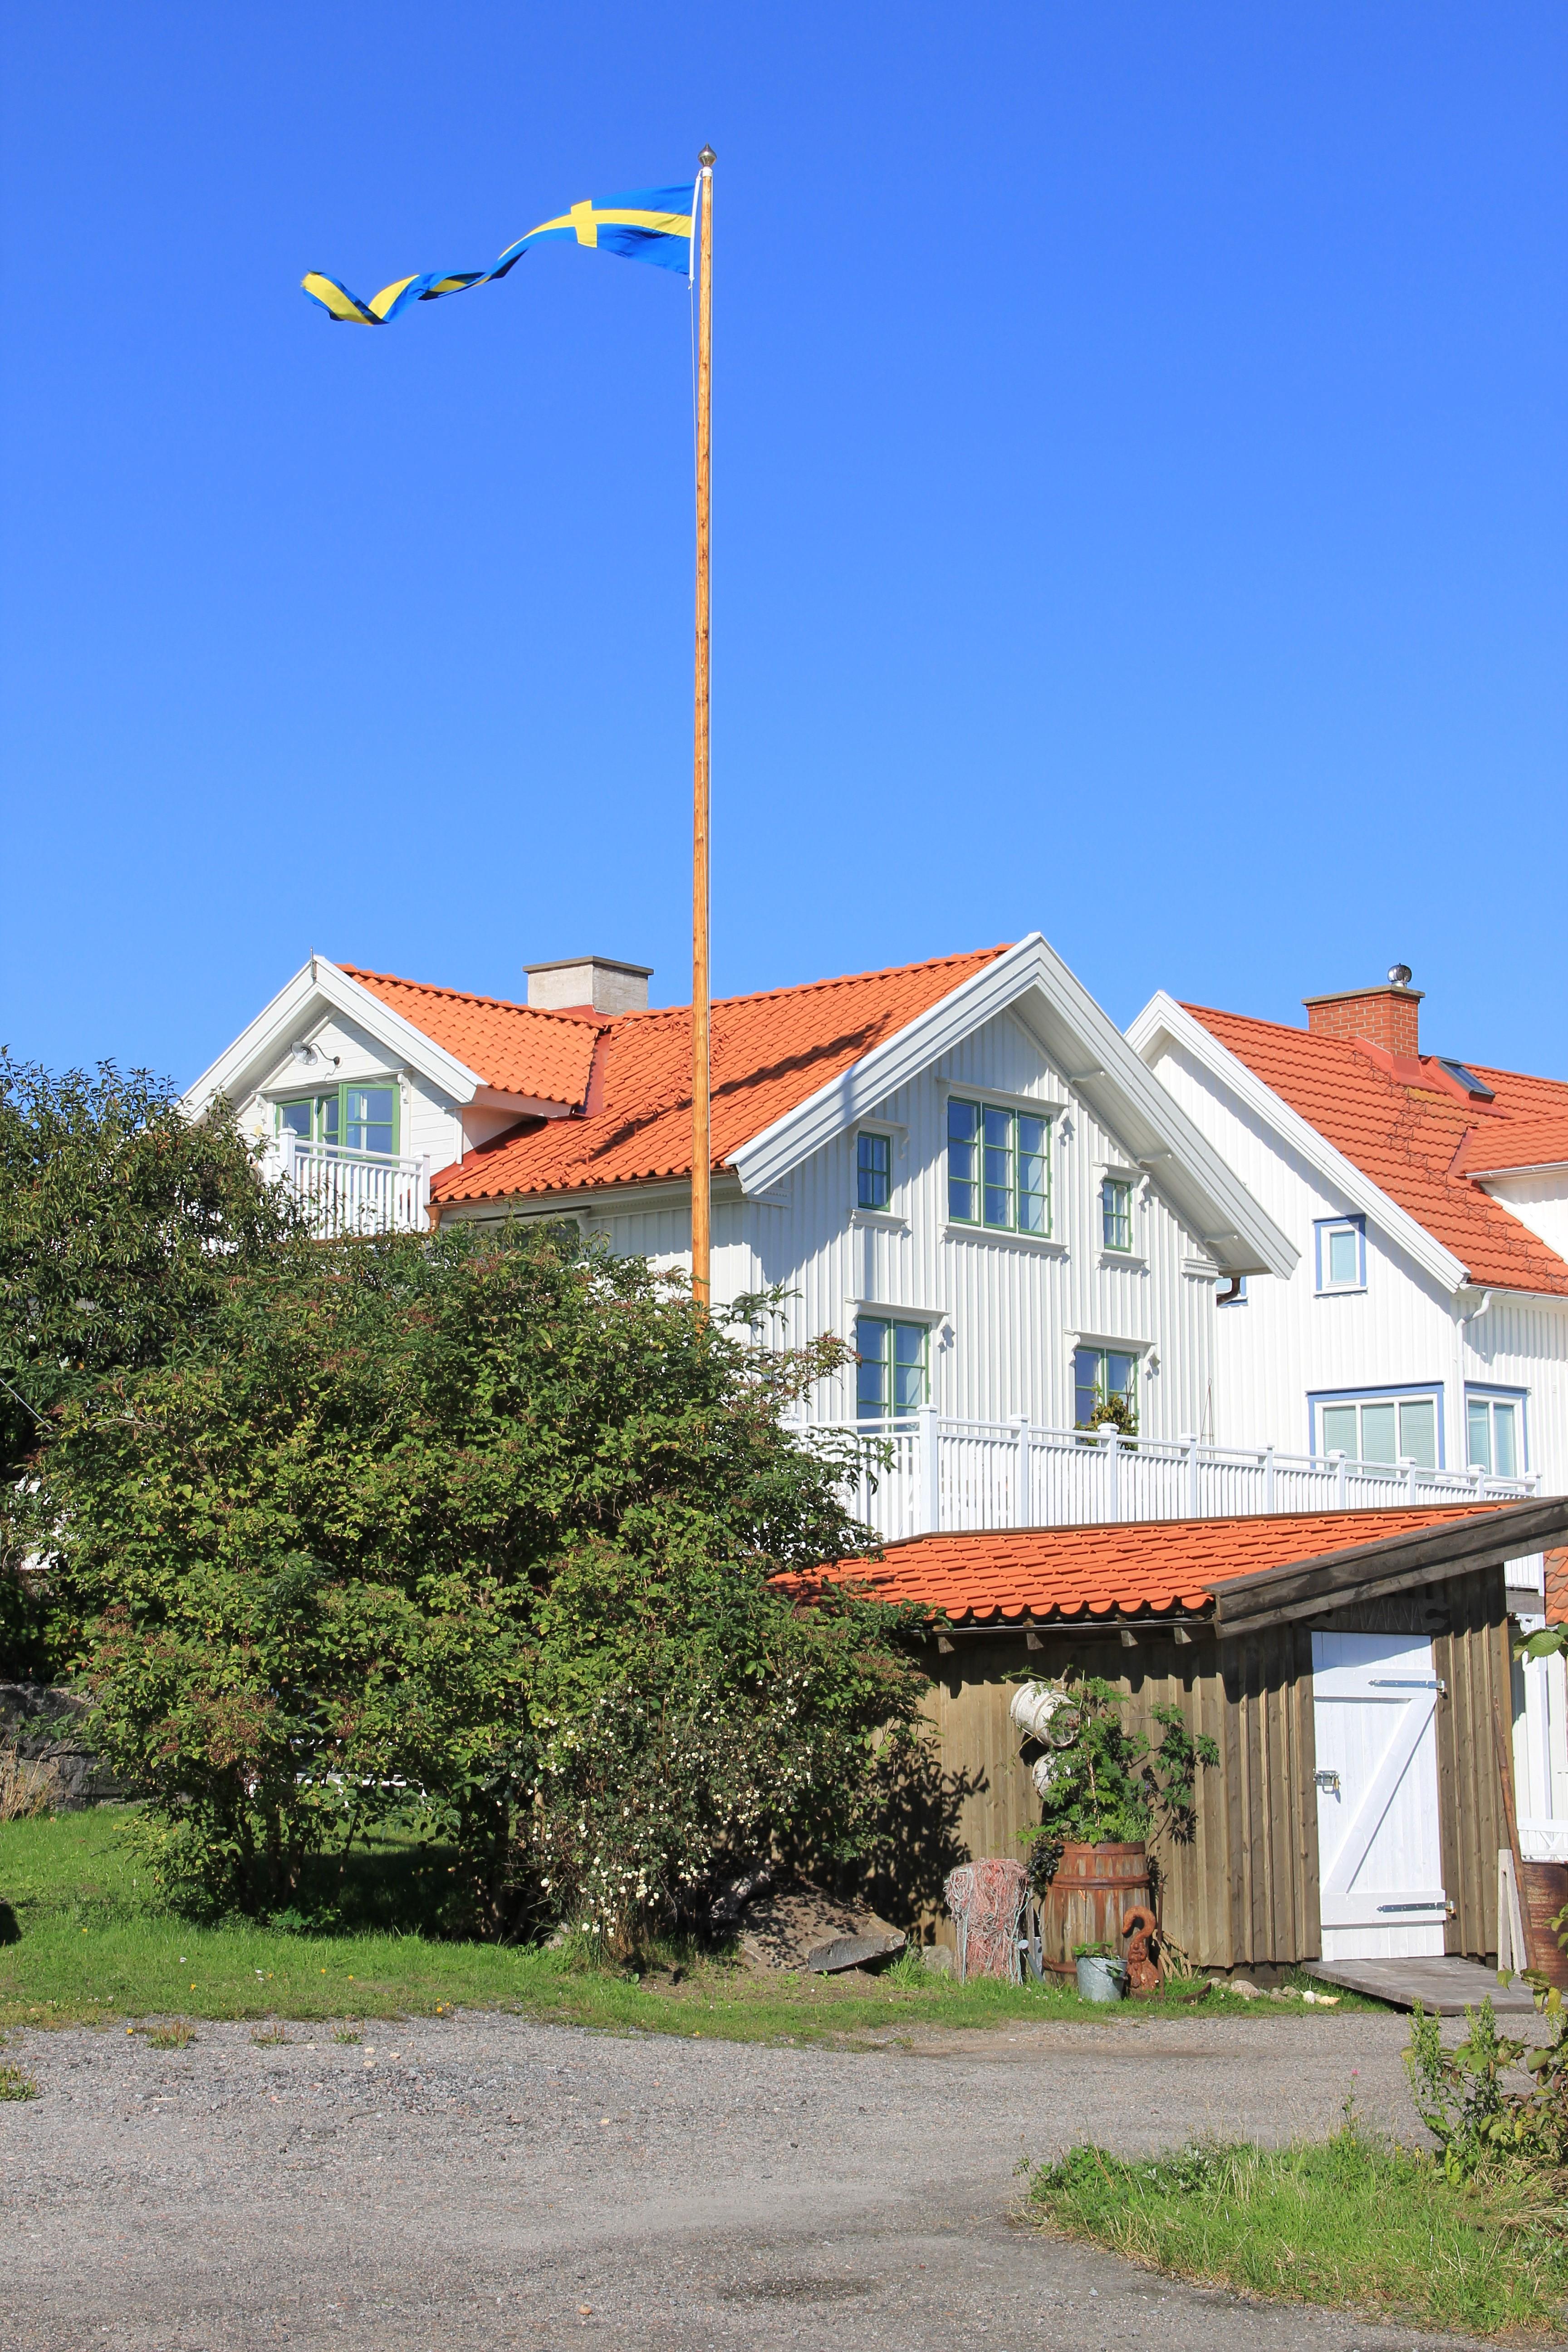 Gårdshus_cykelhus_elsapåhälsö